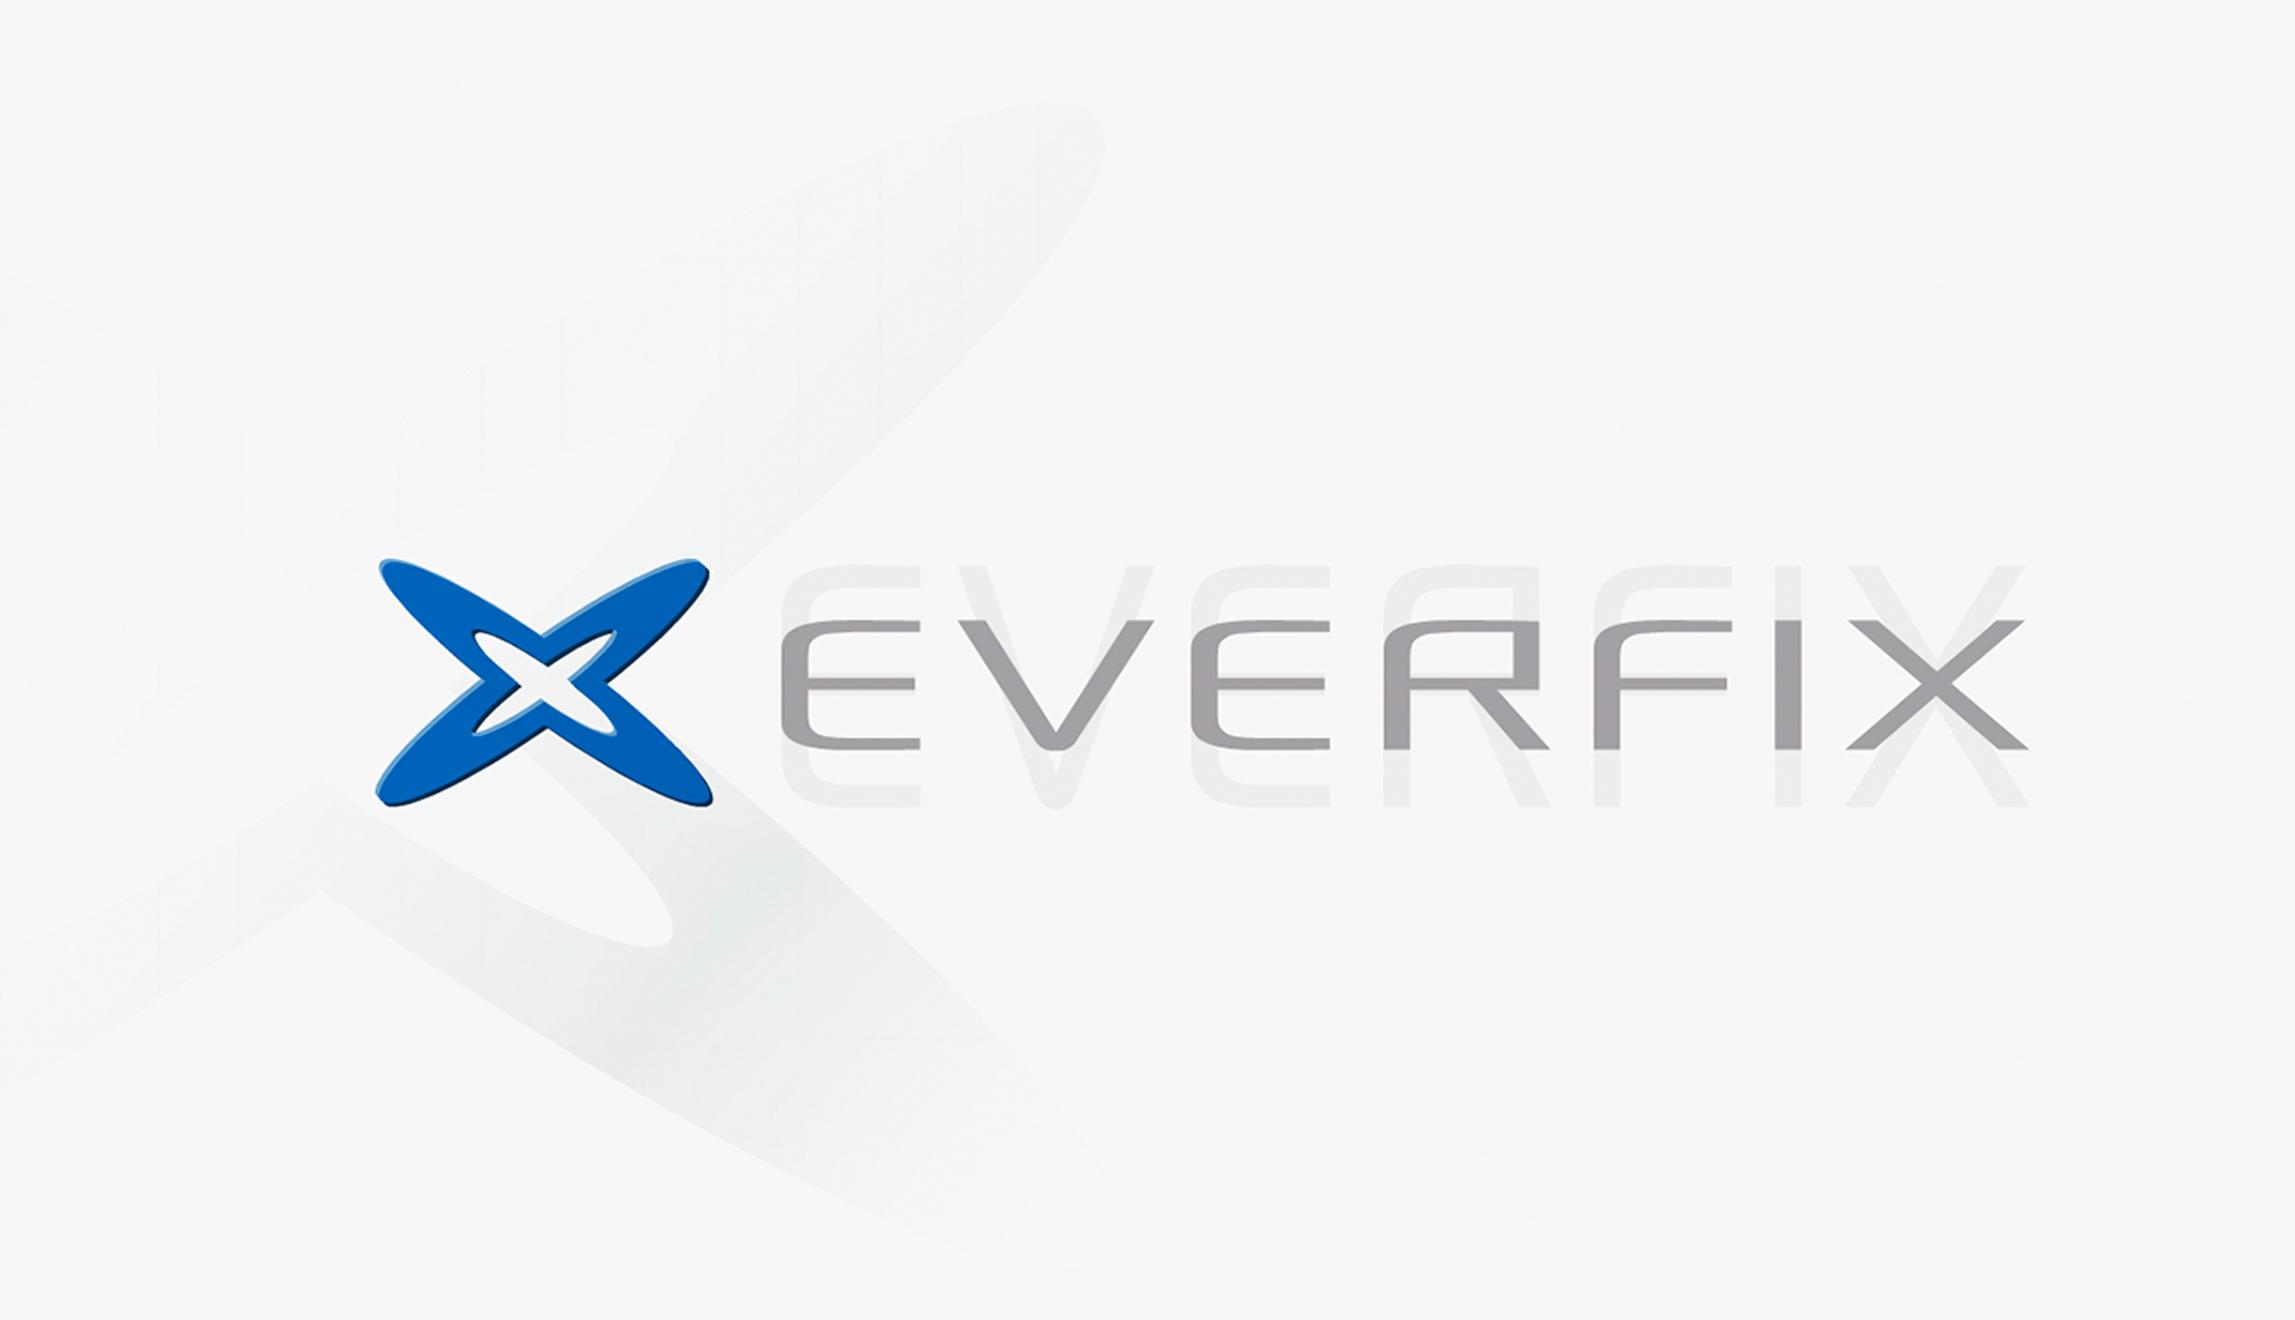 Everfix-3